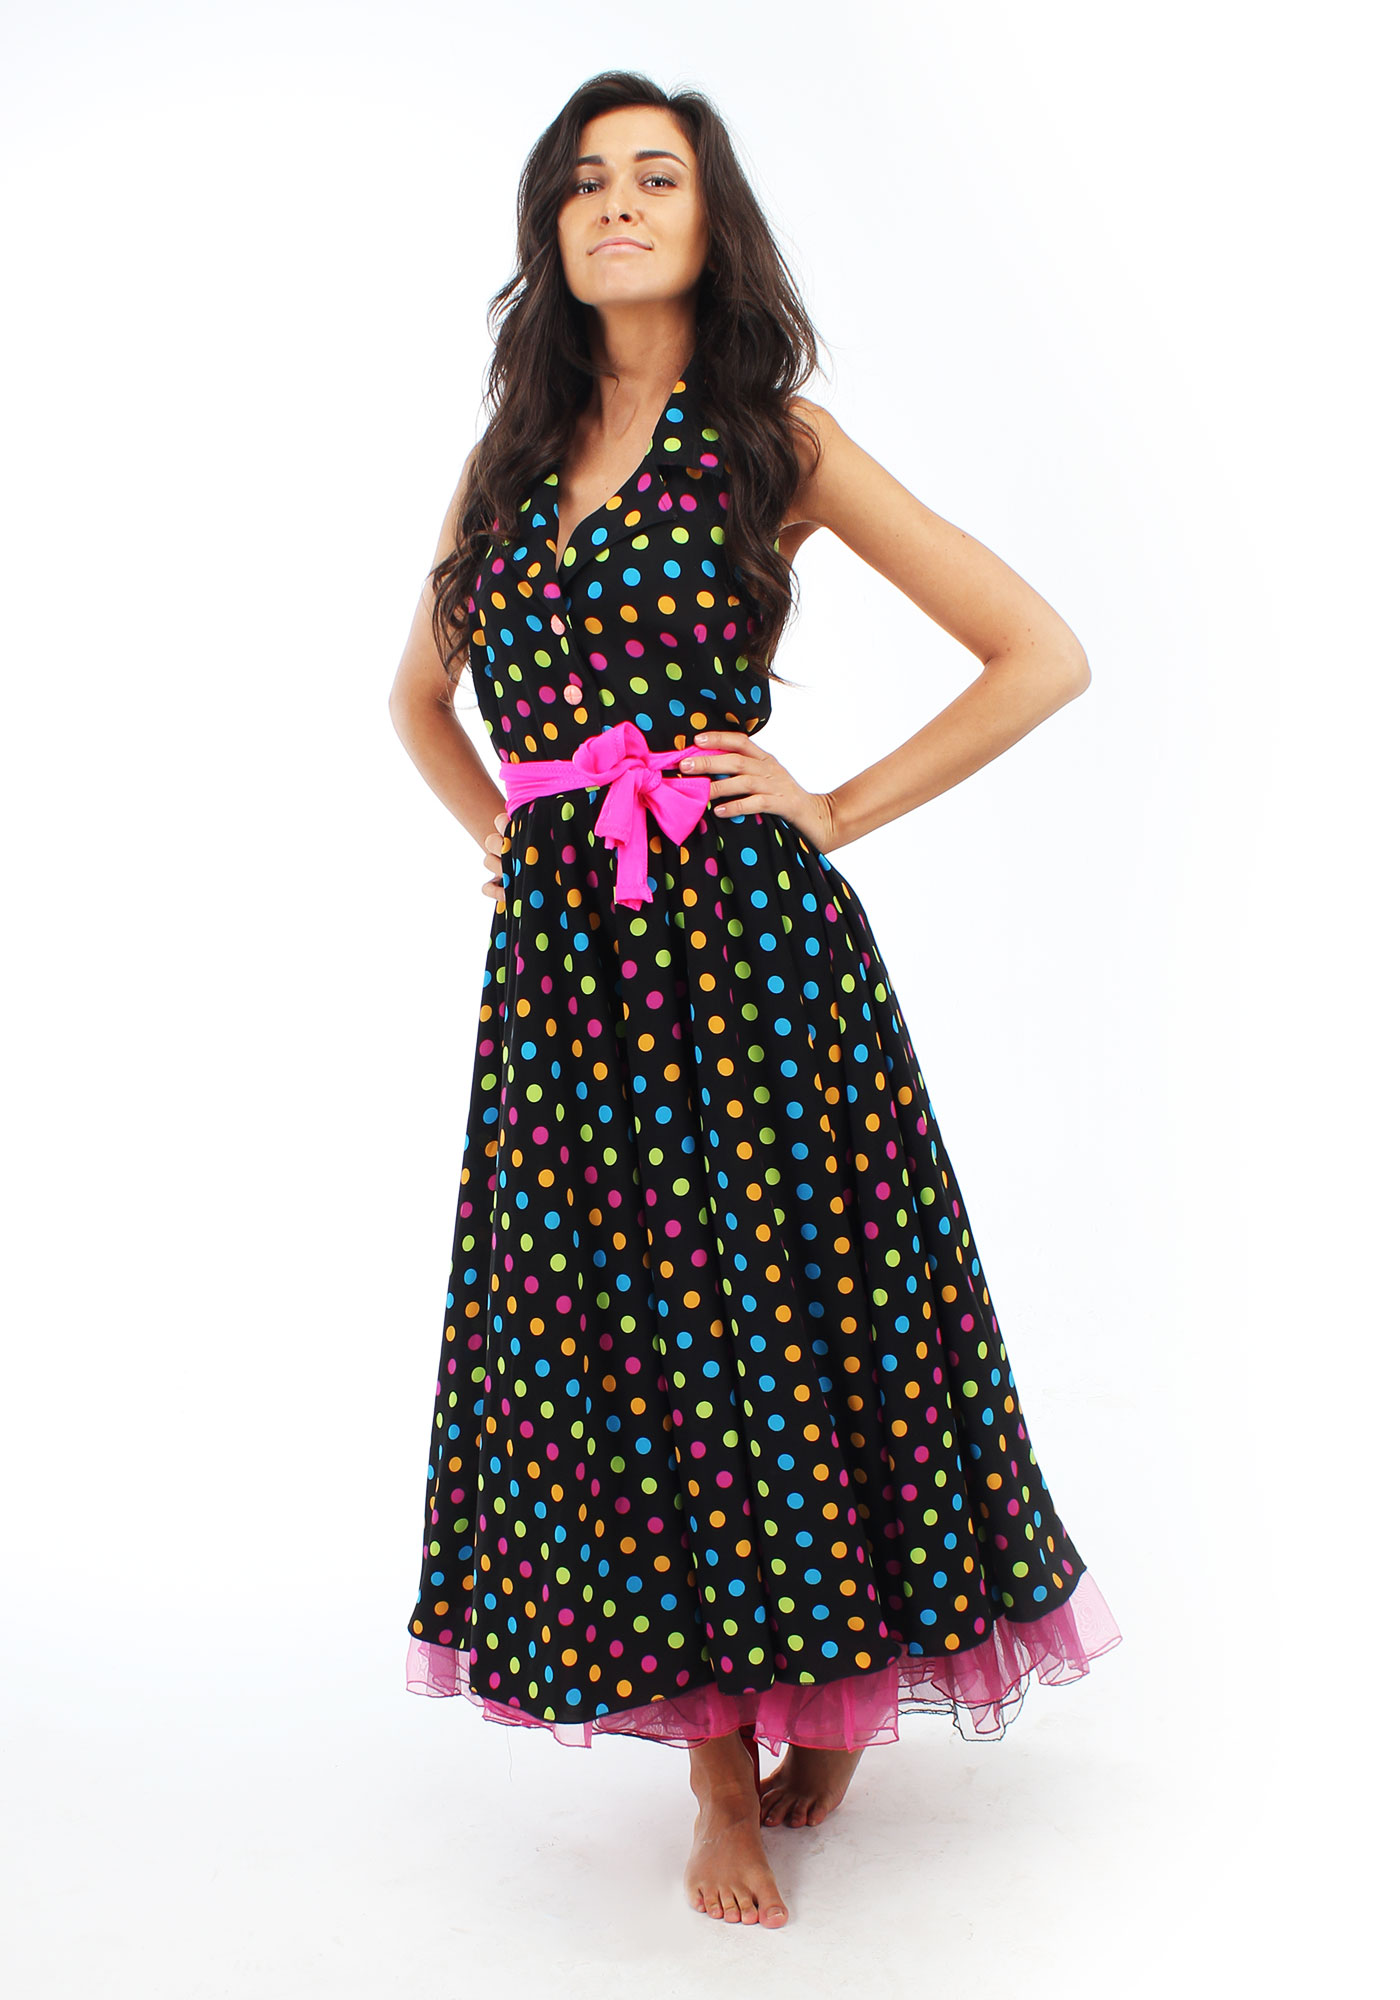 0d4fe82353f Описание  Длинное платье в горошек - то